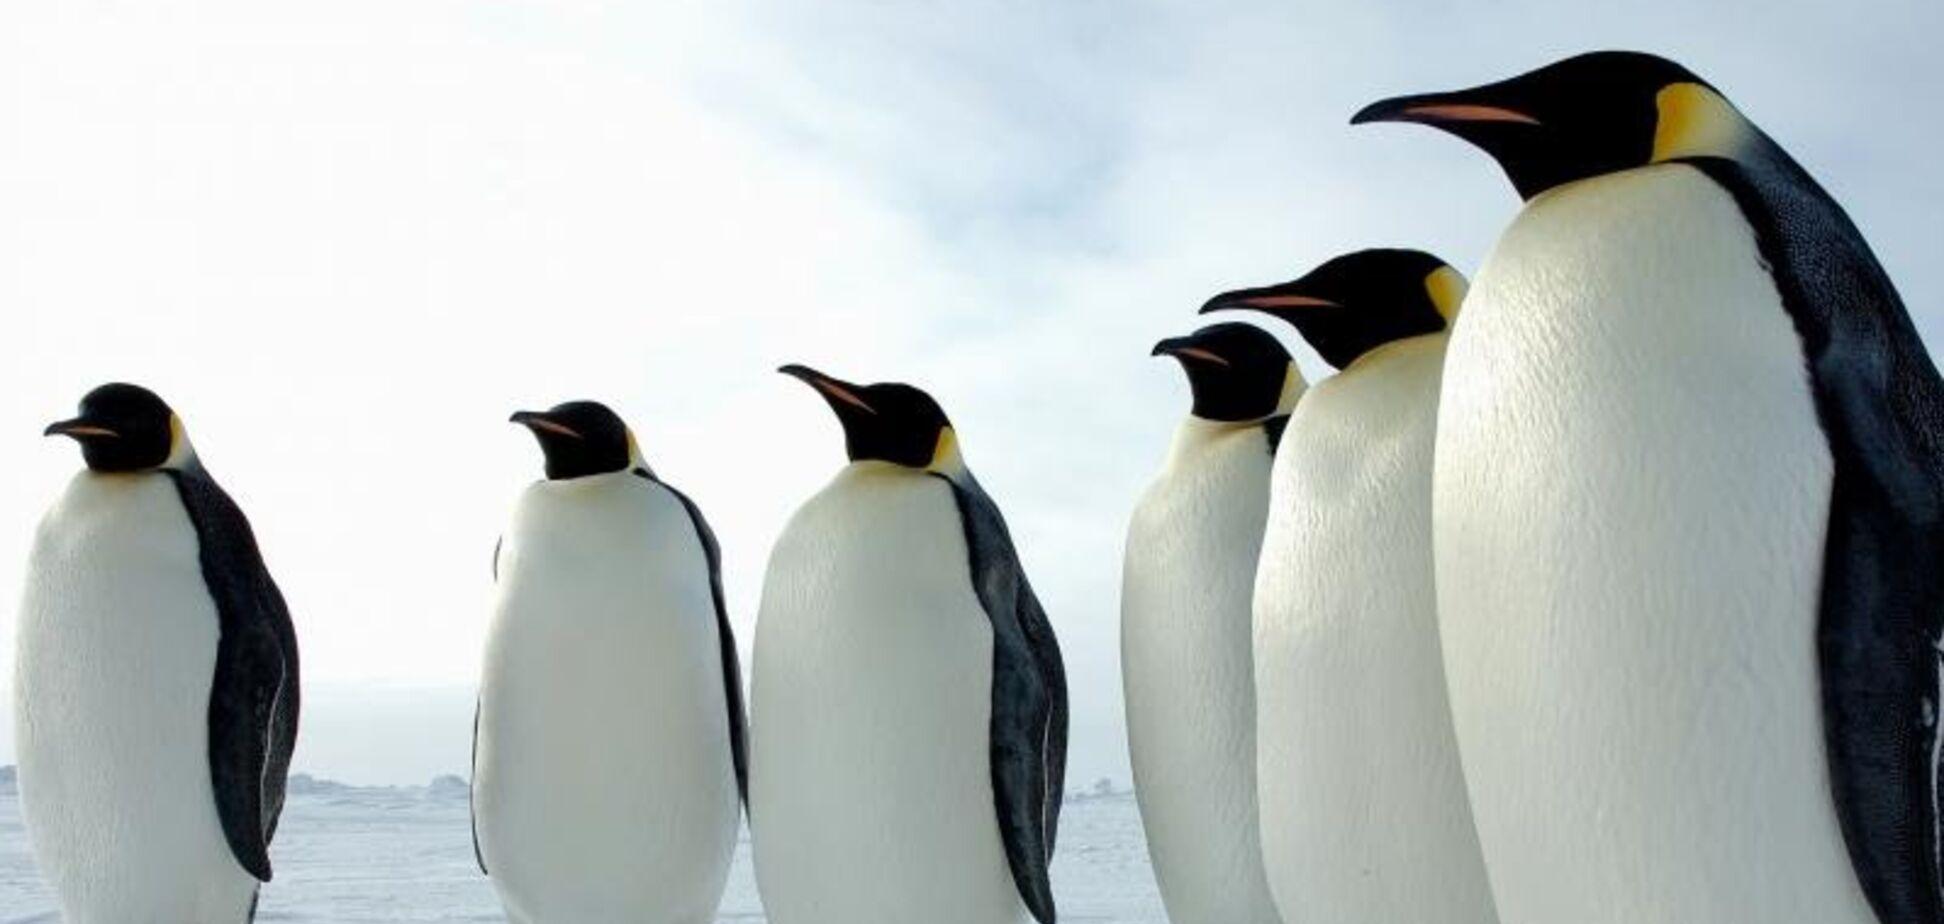 Интересные факты о пингвинах. Шпаргалка для урока биологии за 7 класс